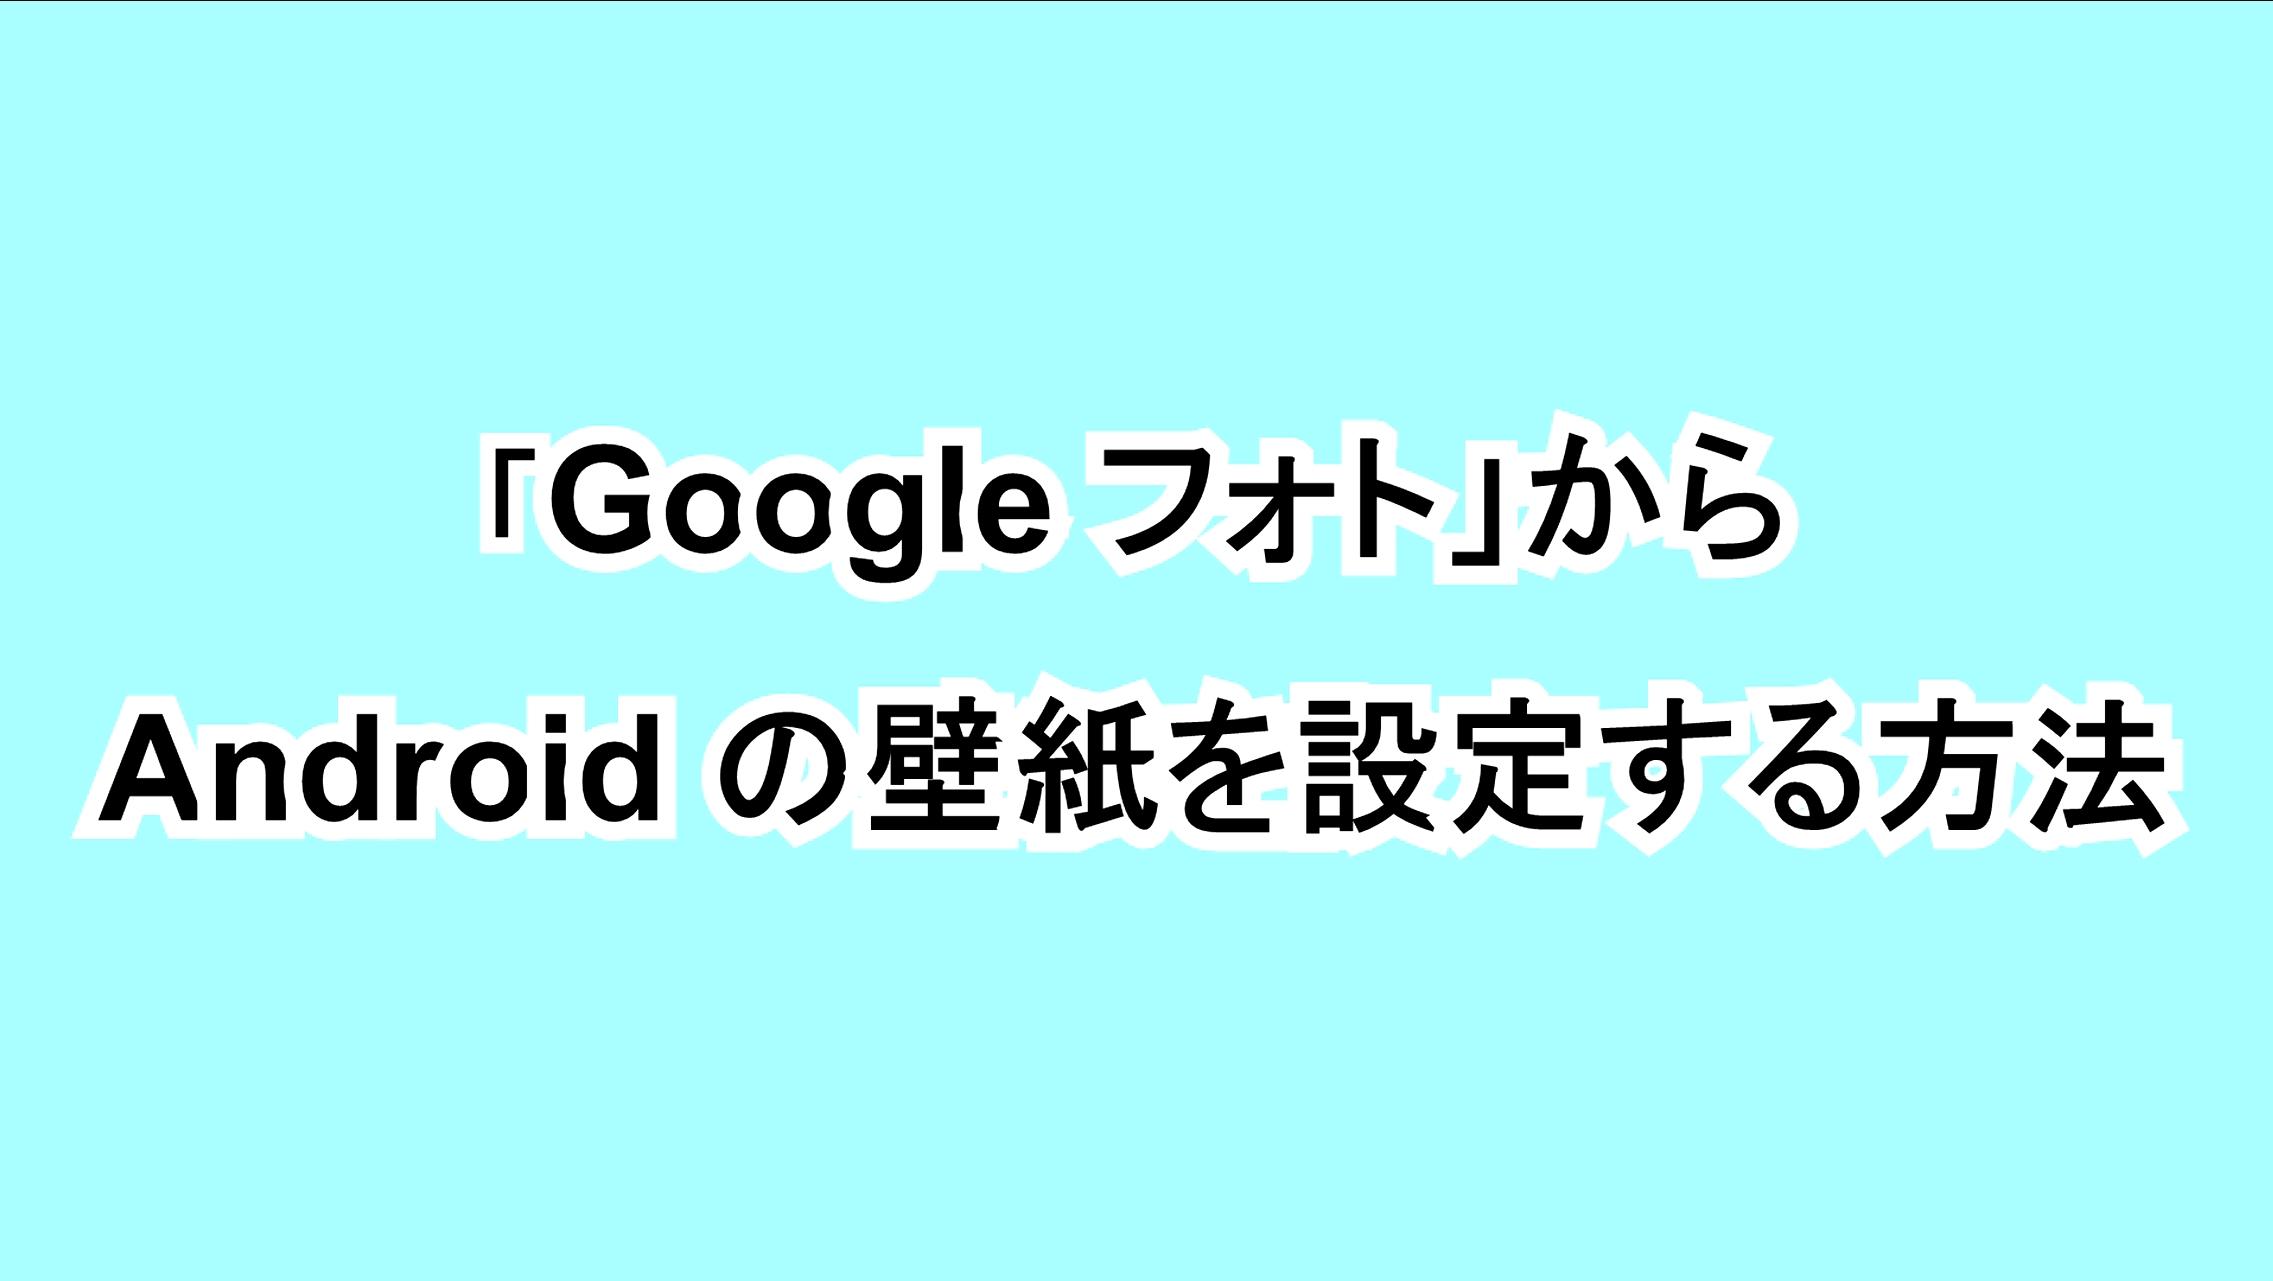 「Google フォト」からAndroidの壁紙を設定する方法